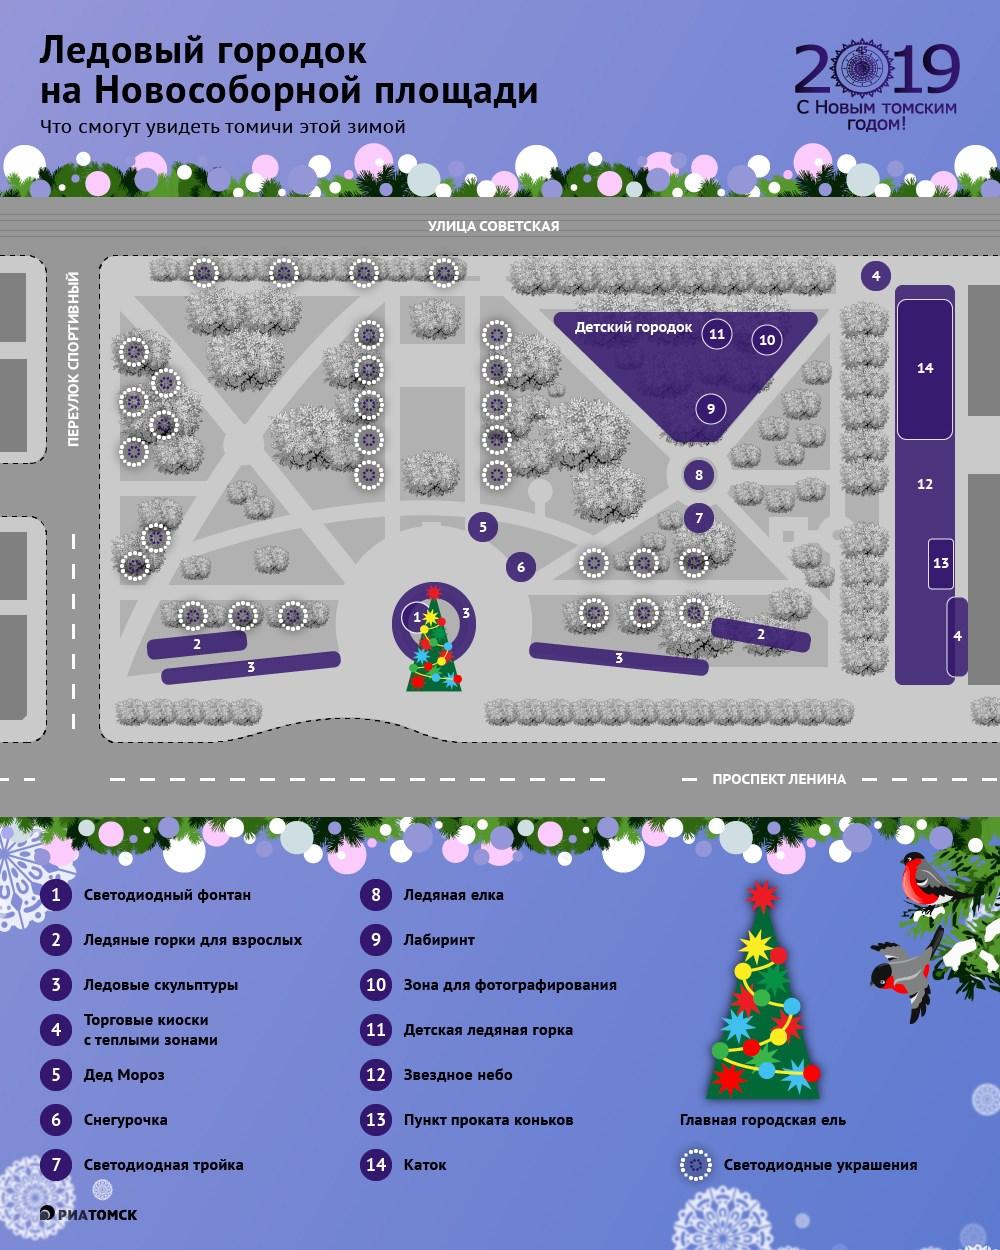 Подготовка к Новому году в Томске началась: в городе начали монтировать праздничную иллюминацию, она засияет к 14 декабря. К этому дню на главных площадях Томска будут установлены елки, заработают световые фонтаны и ледовые городки. Что ждет томичей этой зимой на Новособорной – в нашей инфографике.